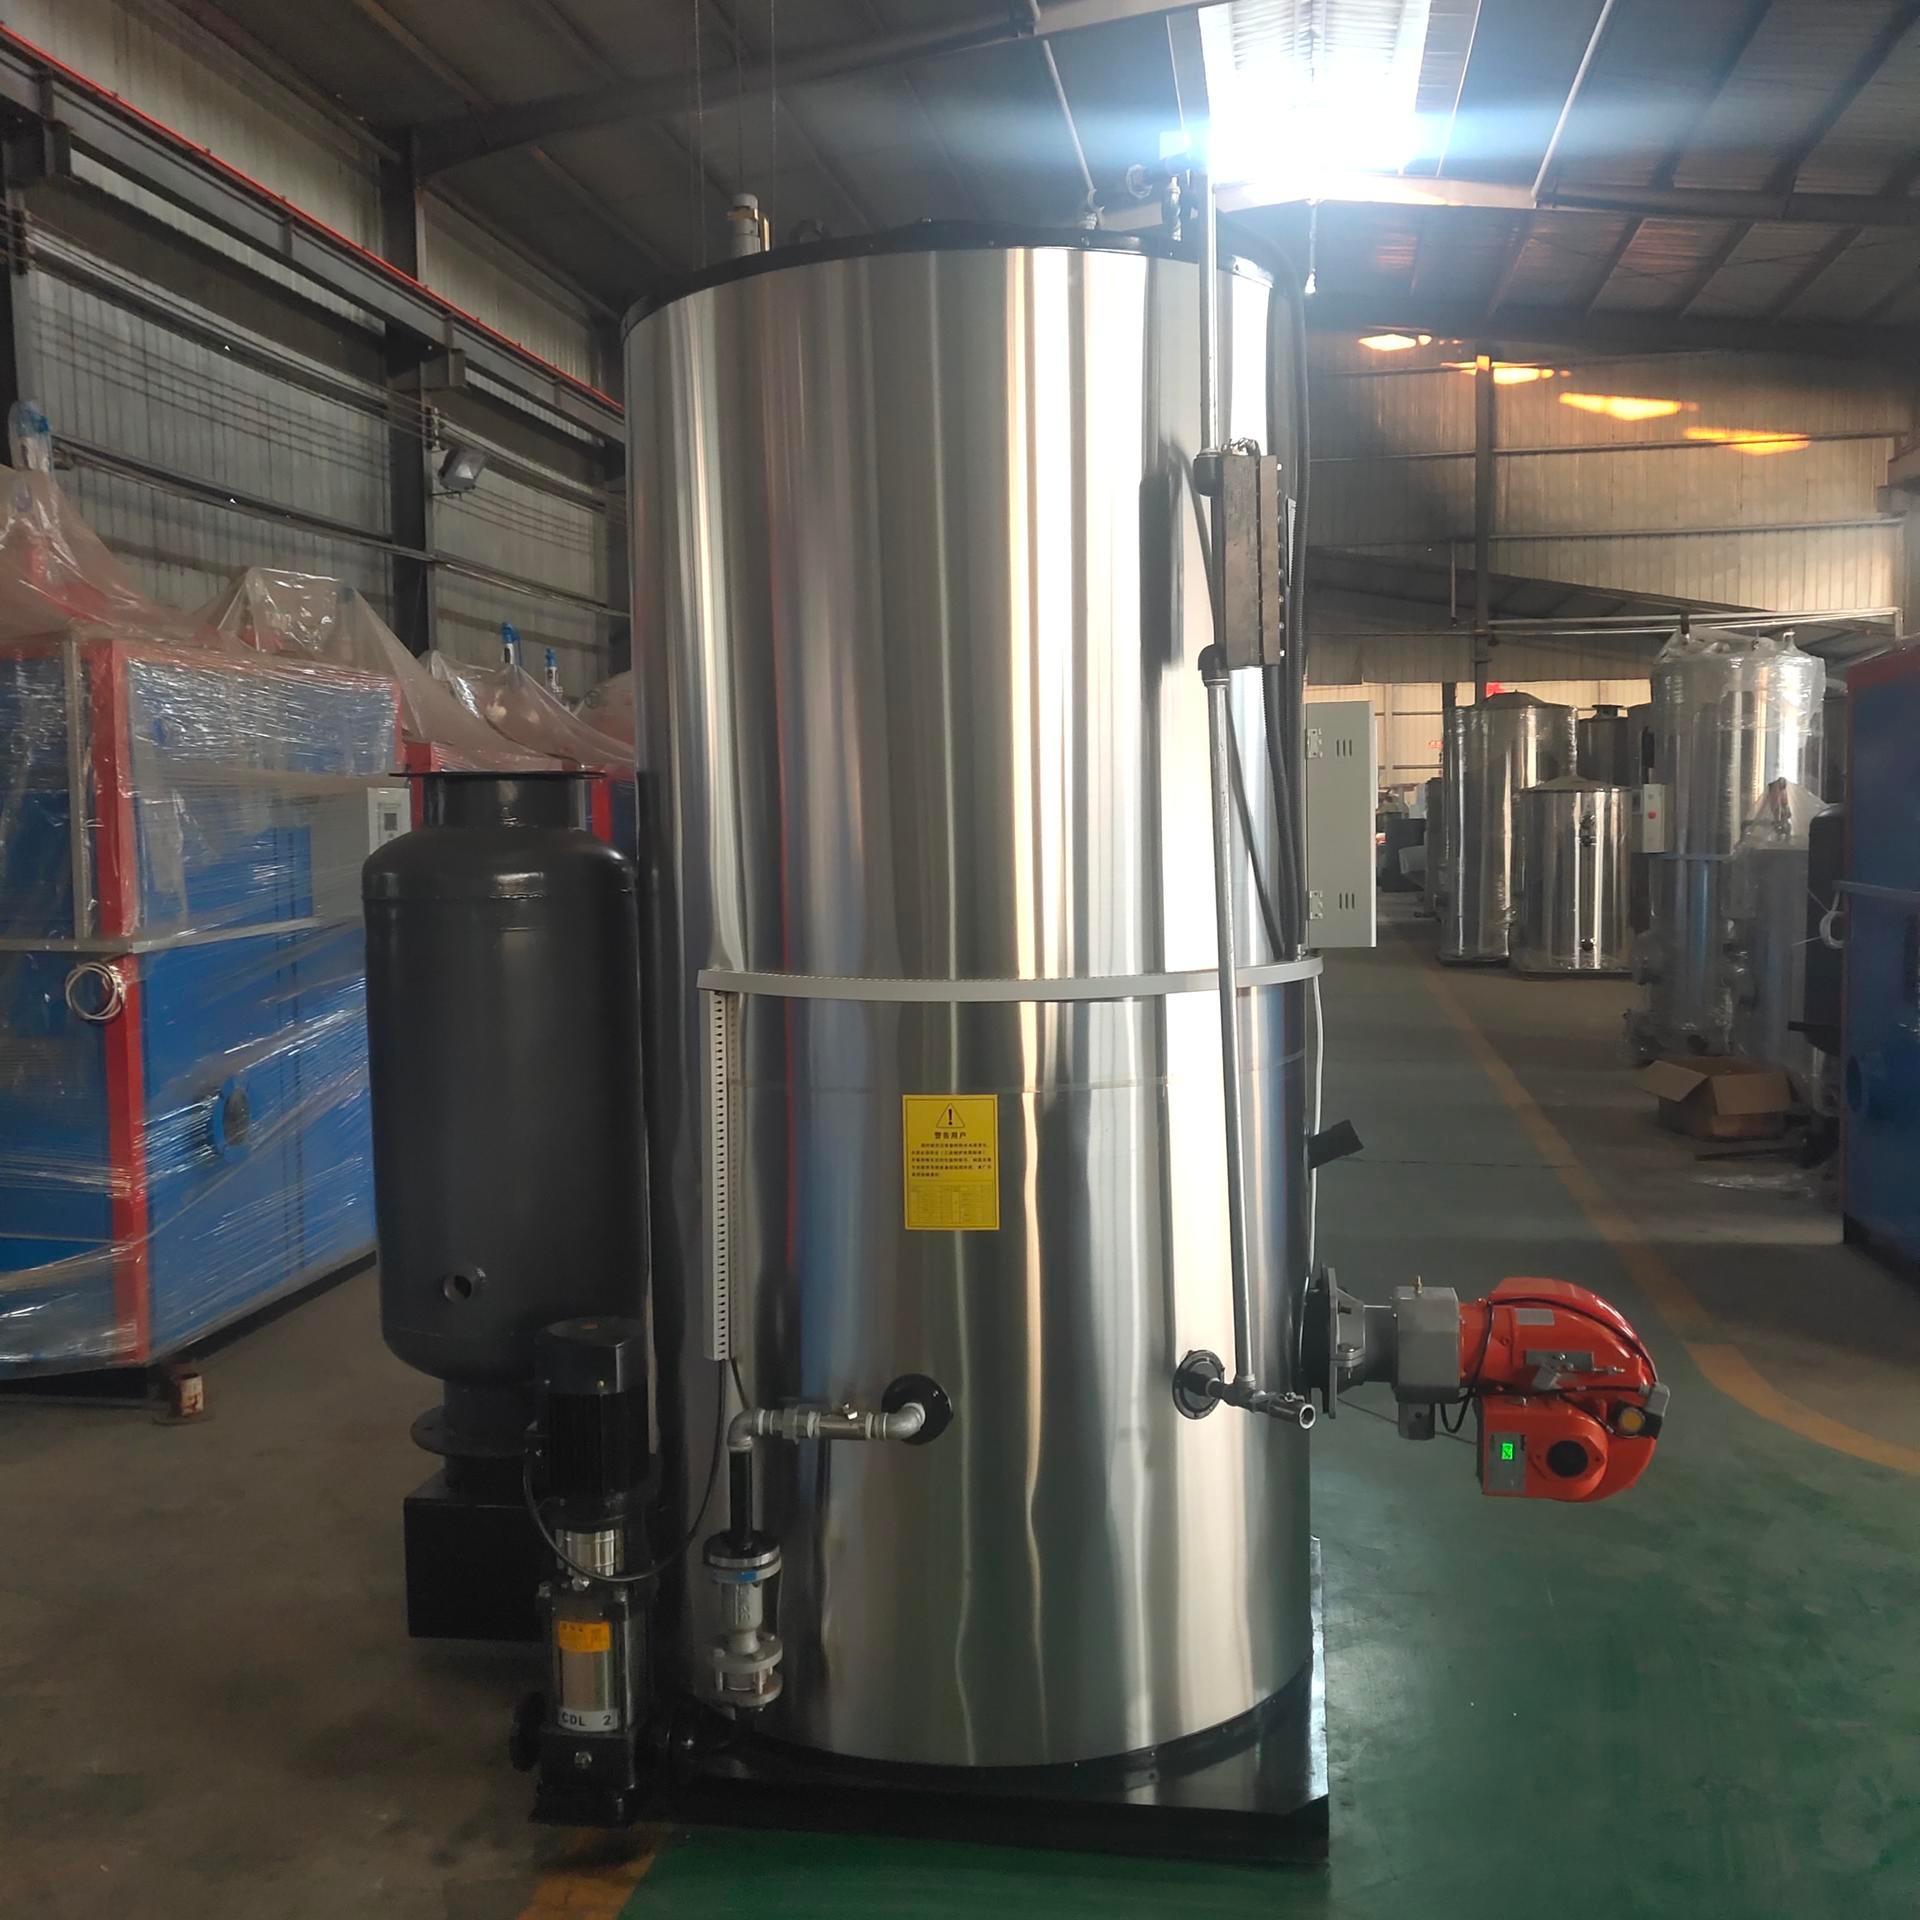 恒安锅炉供应CLHS24-85/60-Q立式燃气热水锅炉 、立式燃气采暖热水锅炉、燃气立式供暖锅炉